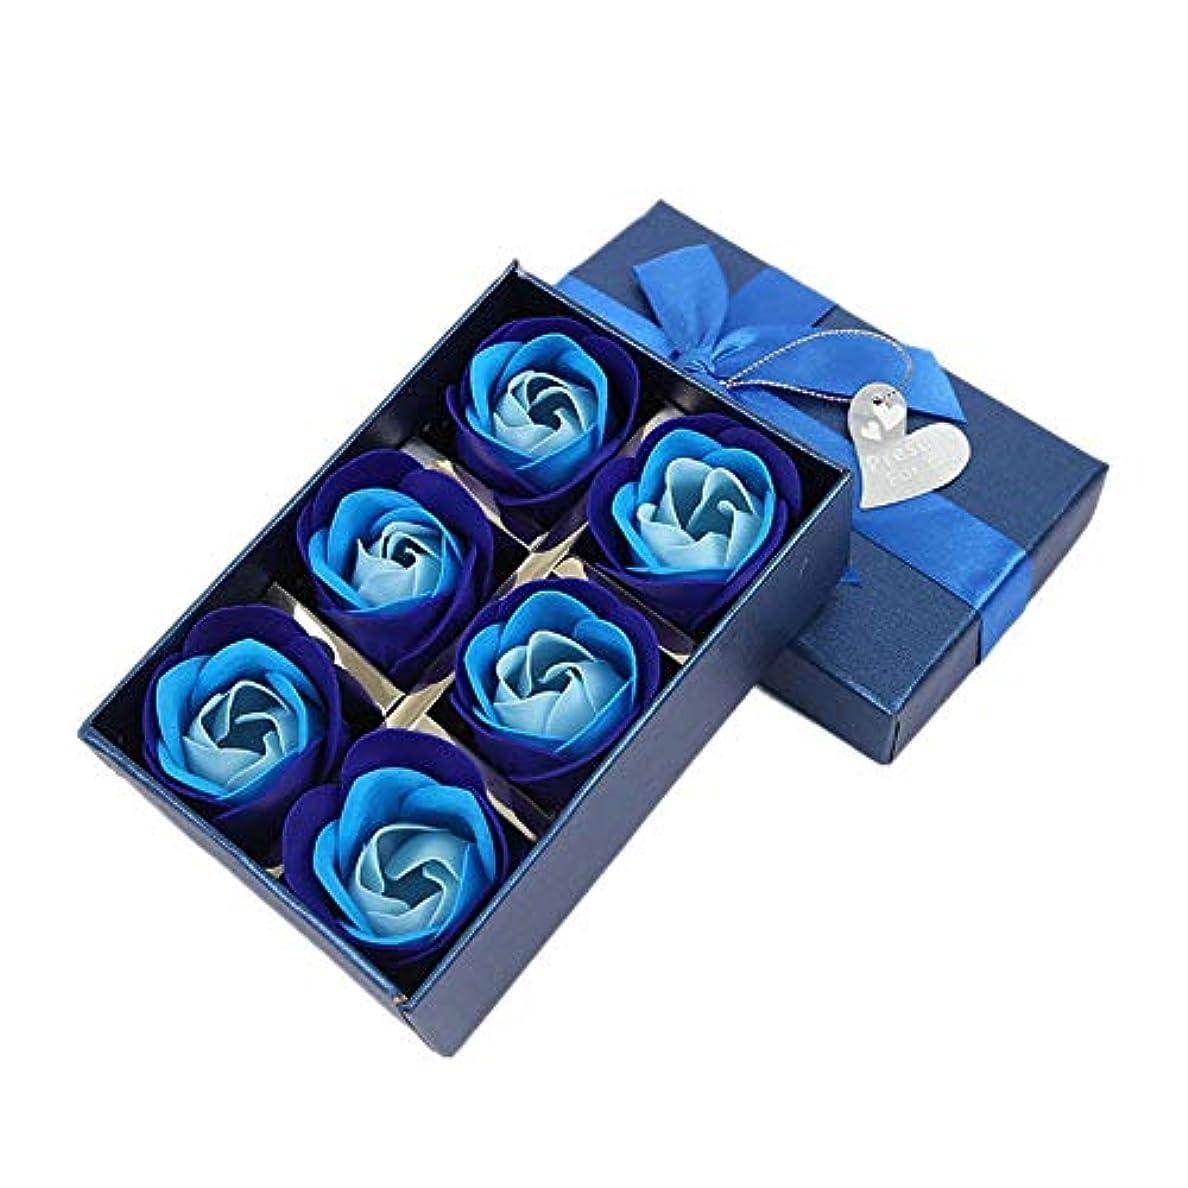 イブスクリュー複雑な造花 バラ 石鹸 花 ソープフラワー バラ 石鹸 風呂 バラ風呂 入浴剤 香り付き ボックス付 誕生日 クリスマス 新年 記念日などのプレゼント